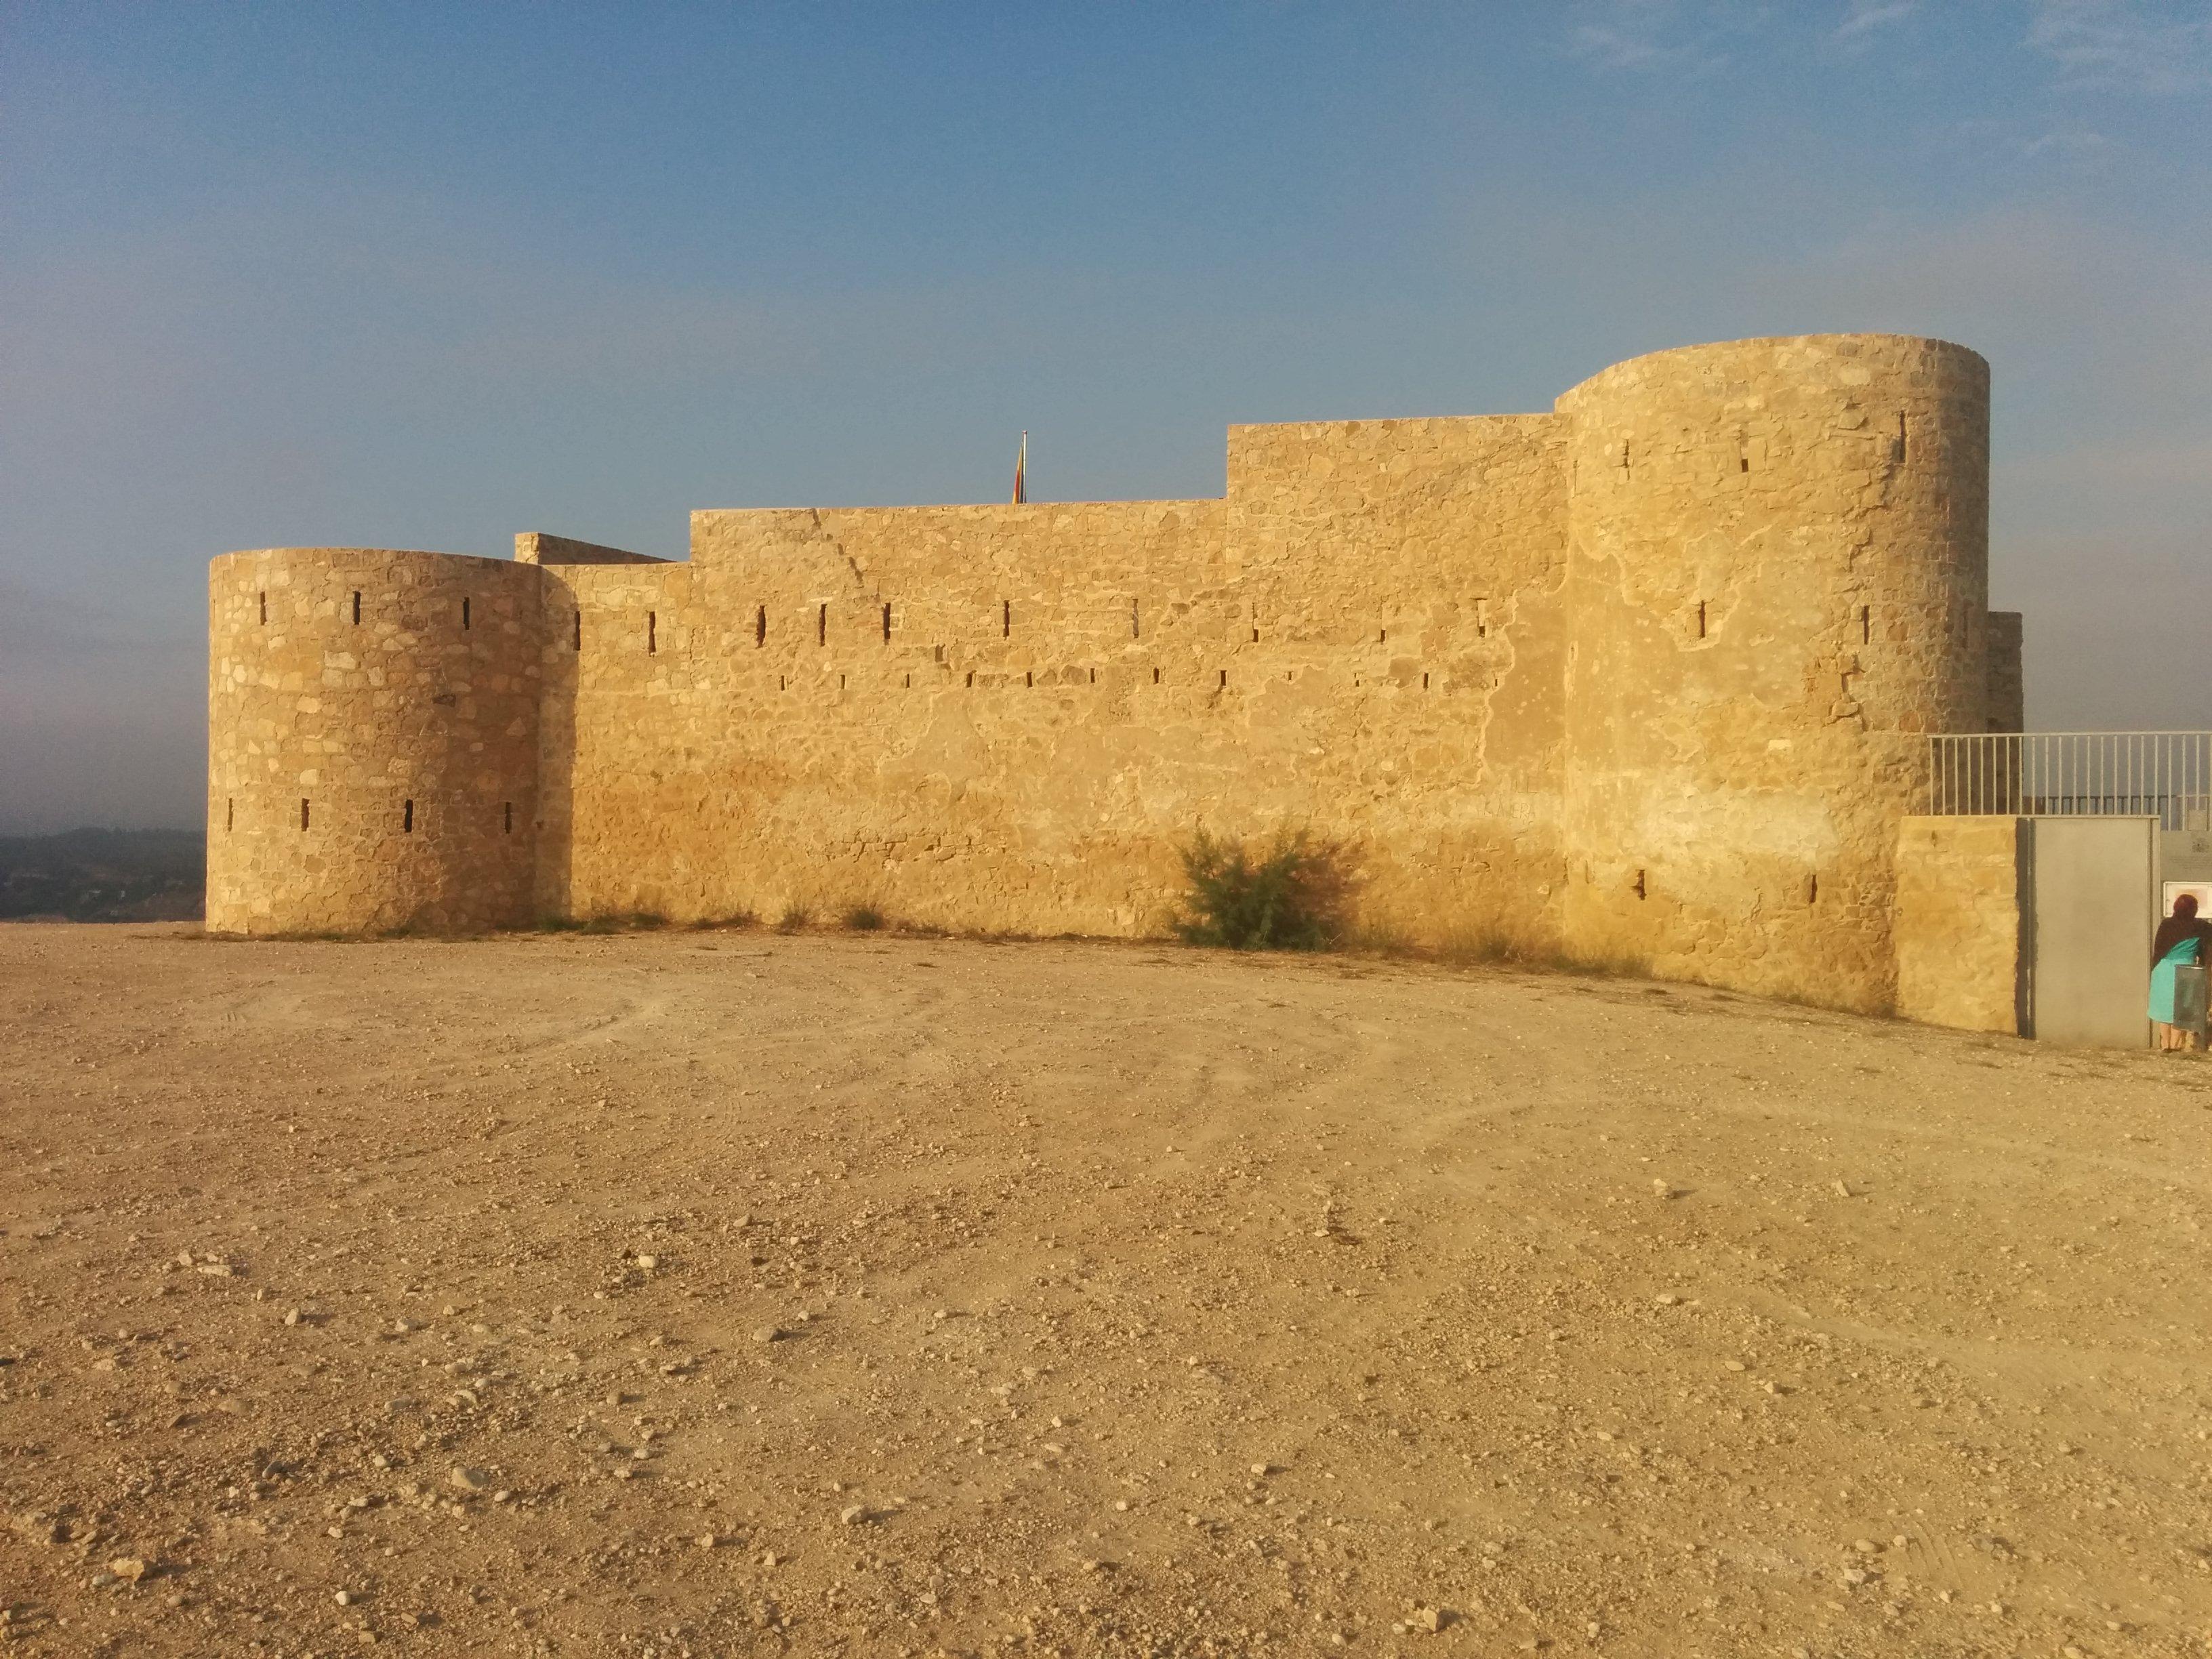 fileflix castell or flix castle 29 sept 2015jpg